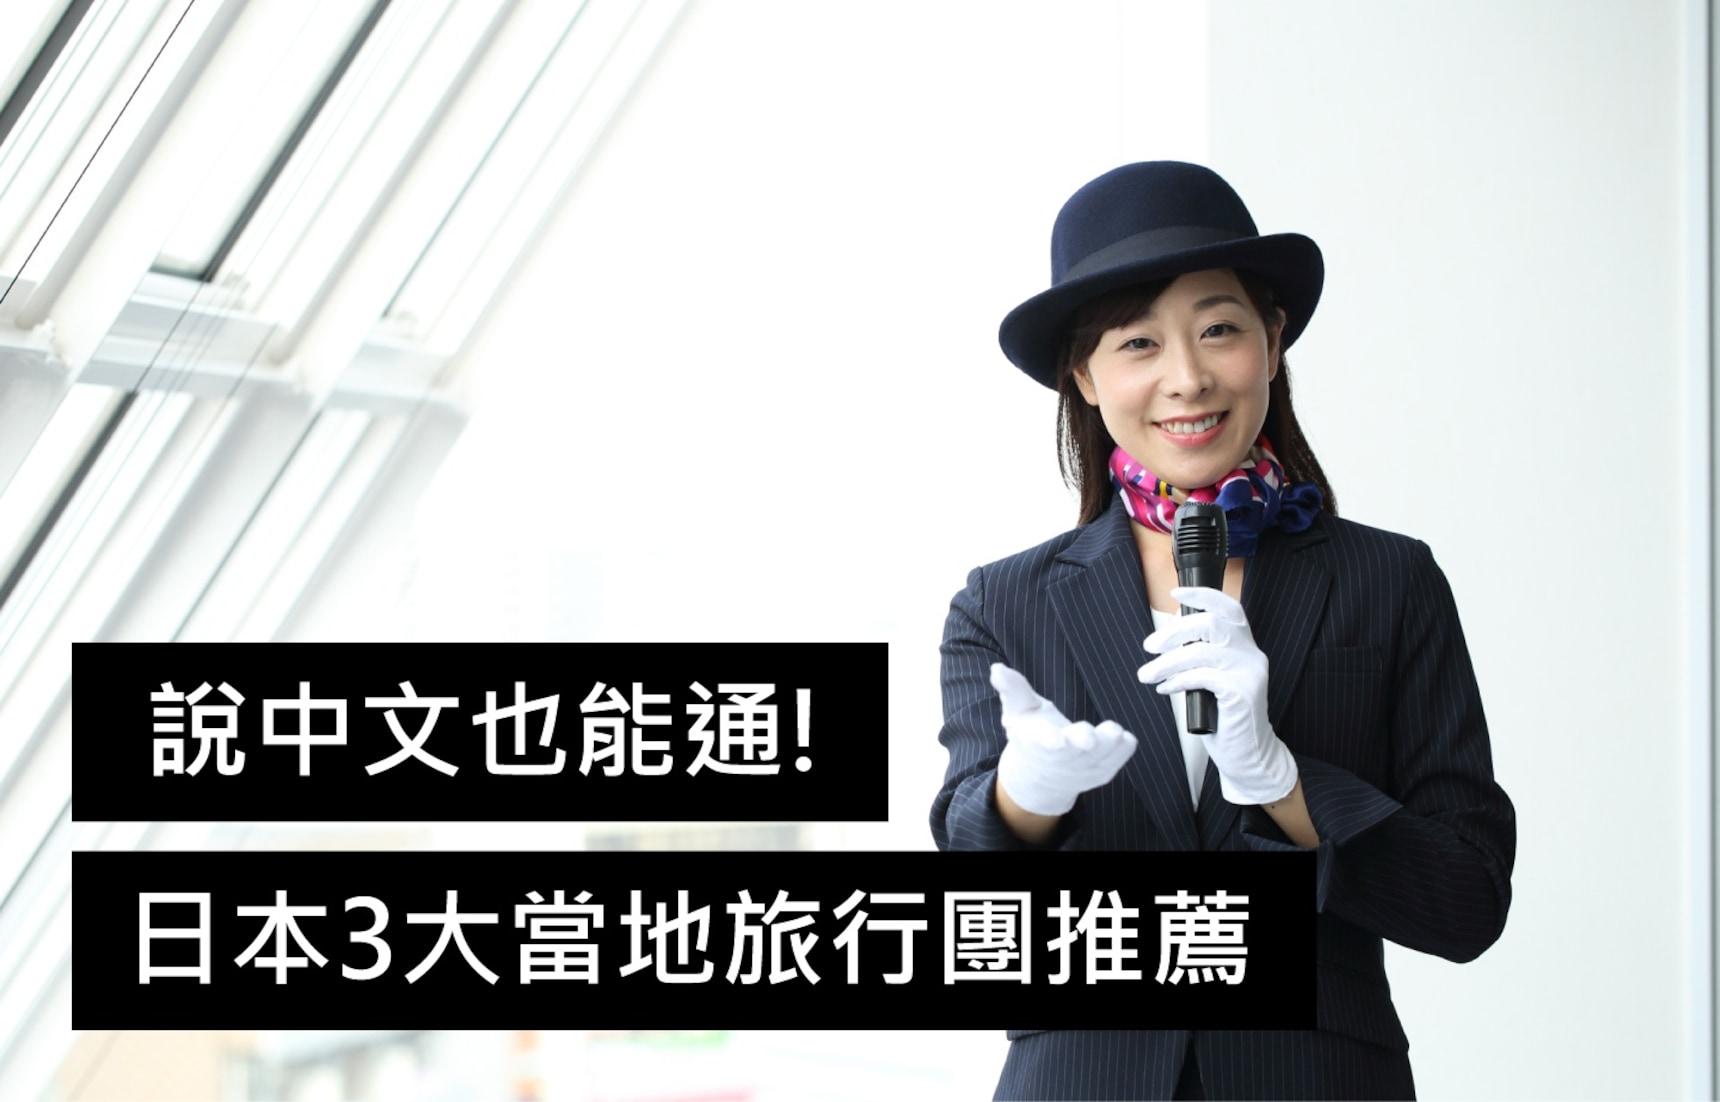 智游人| 不会说日语也能深度玩遍日本!1个人也能参加的日本当地旅行团